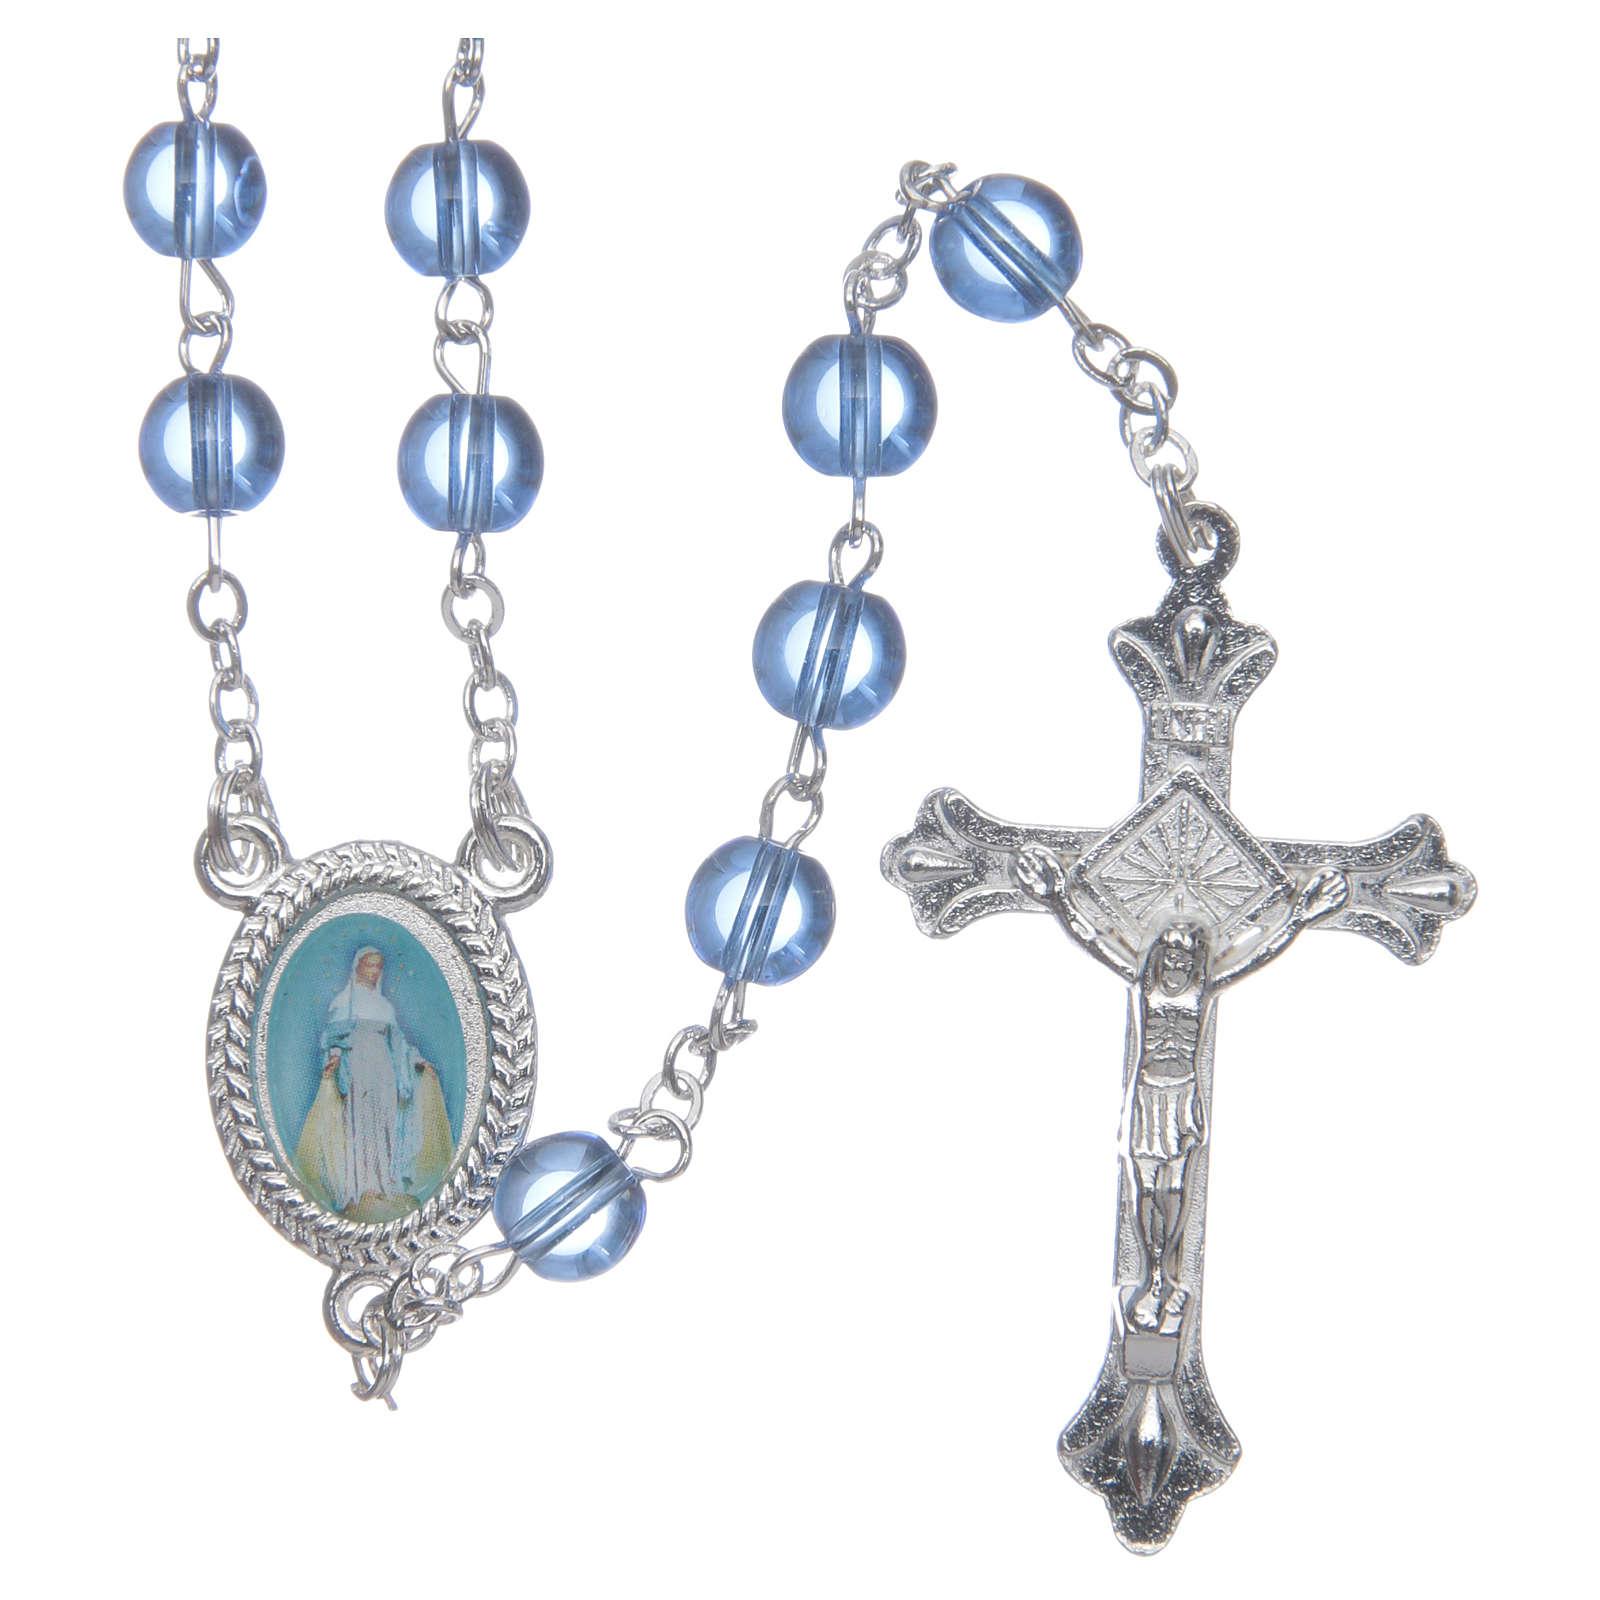 Rosario Infermeria dell'Anima Madonna Miracolosa ITALIANO 4